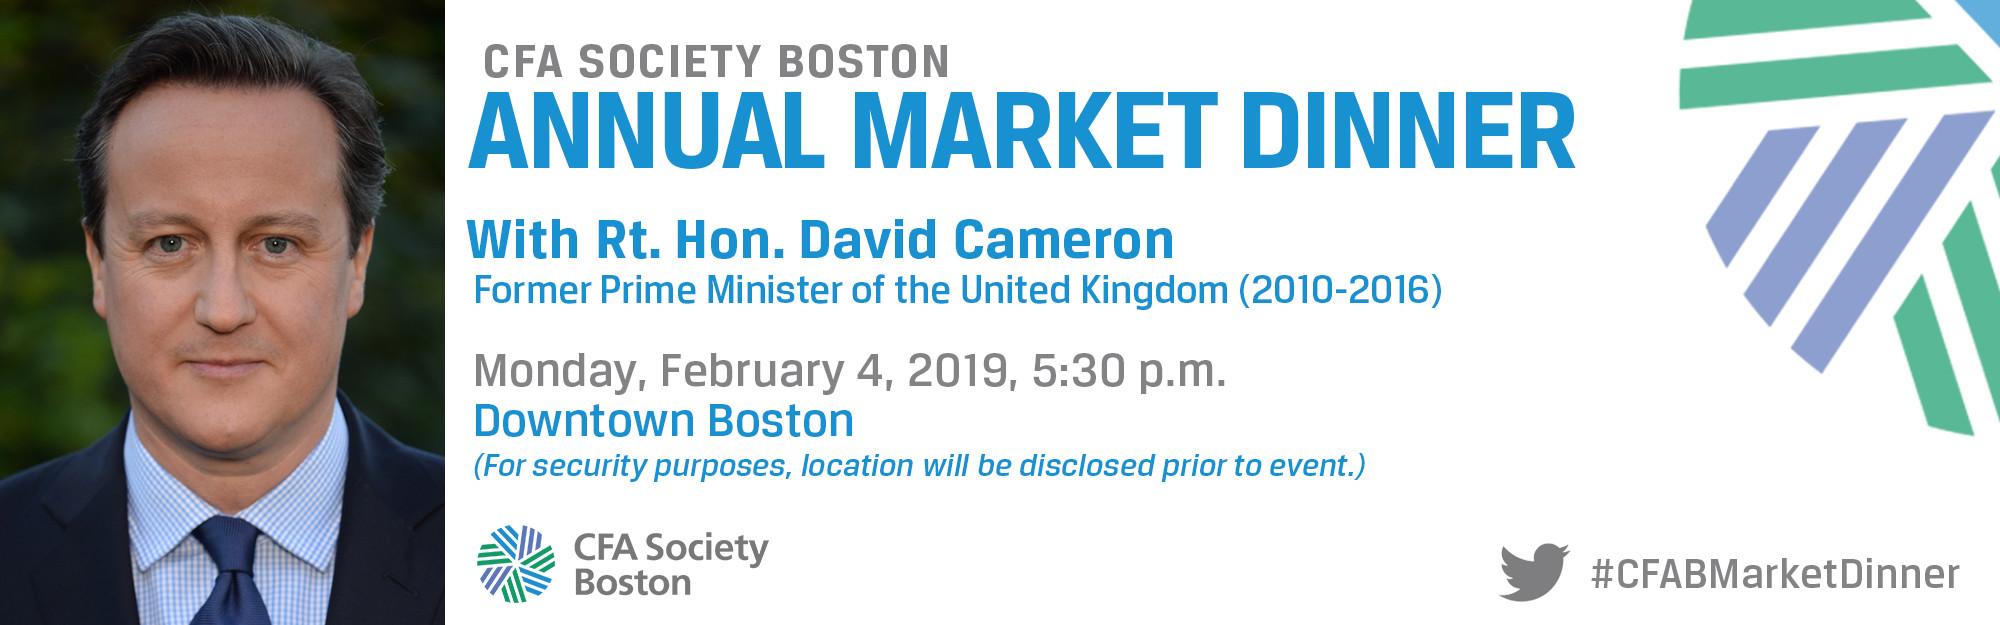 Boston Market Easter Dinner 2019  CFA Boston s Market Dinner 2019